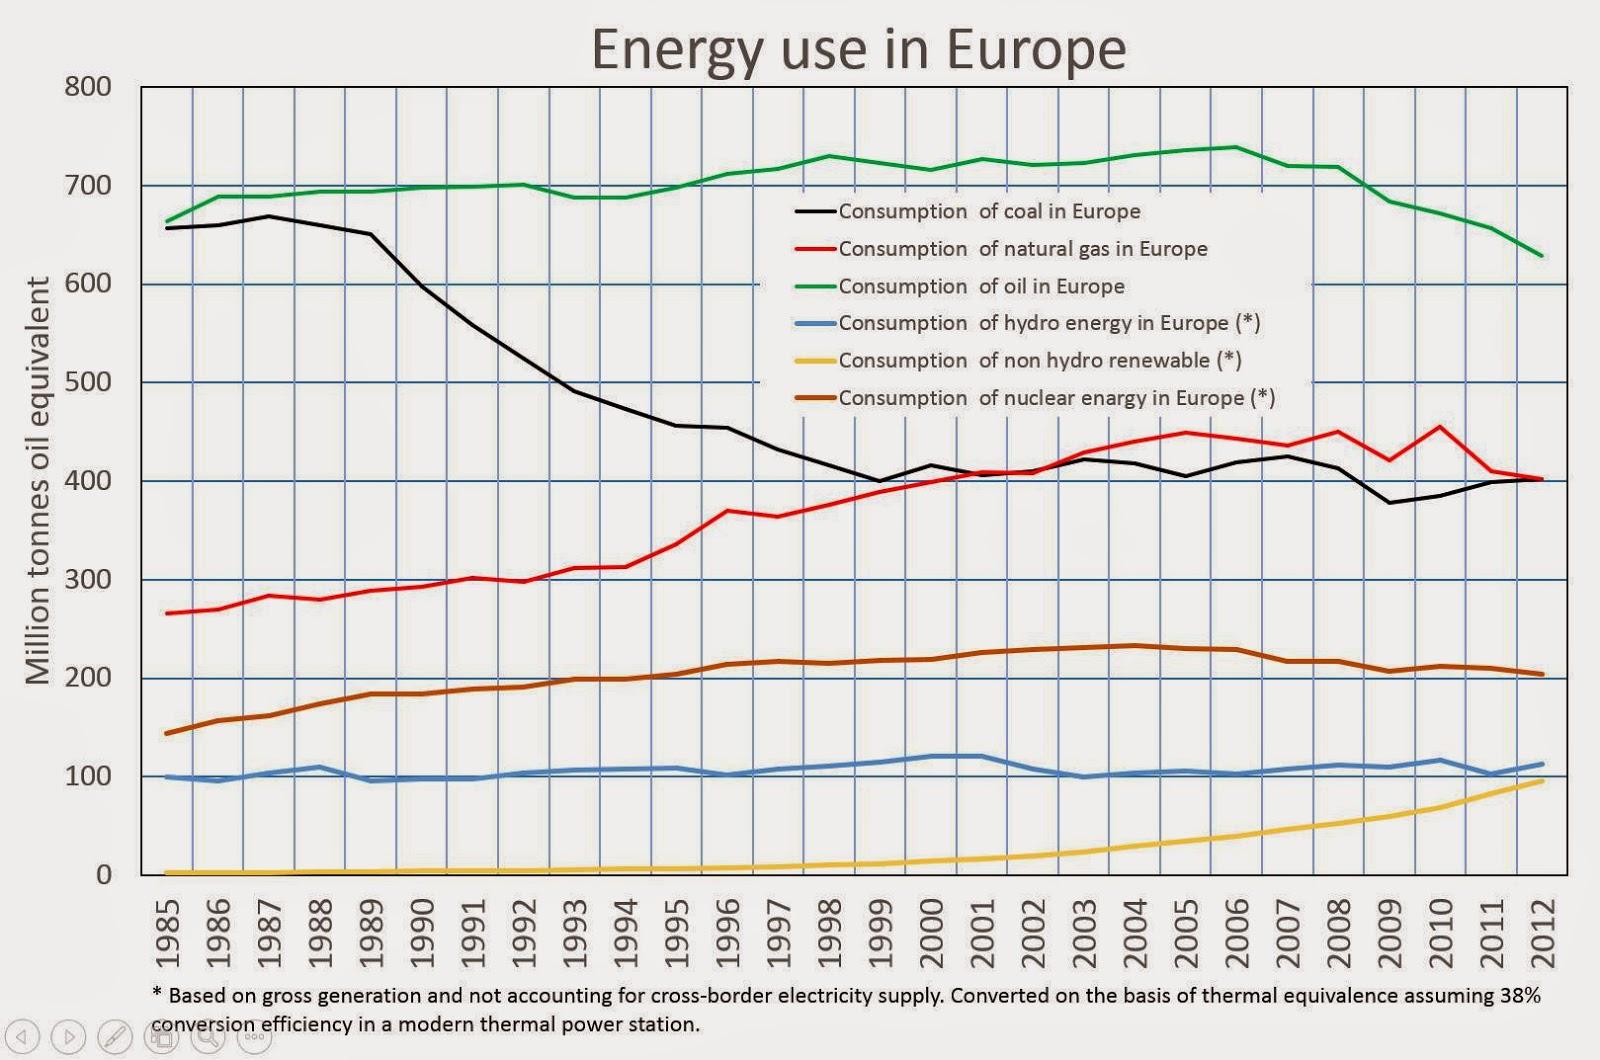 Idag har Kjell Aleklett på Fb visat siffror som i princip redogör för i  vilken prekär situation Europa befinner sig när det gäller förnyelsebar  energi. 0245caf1bf929